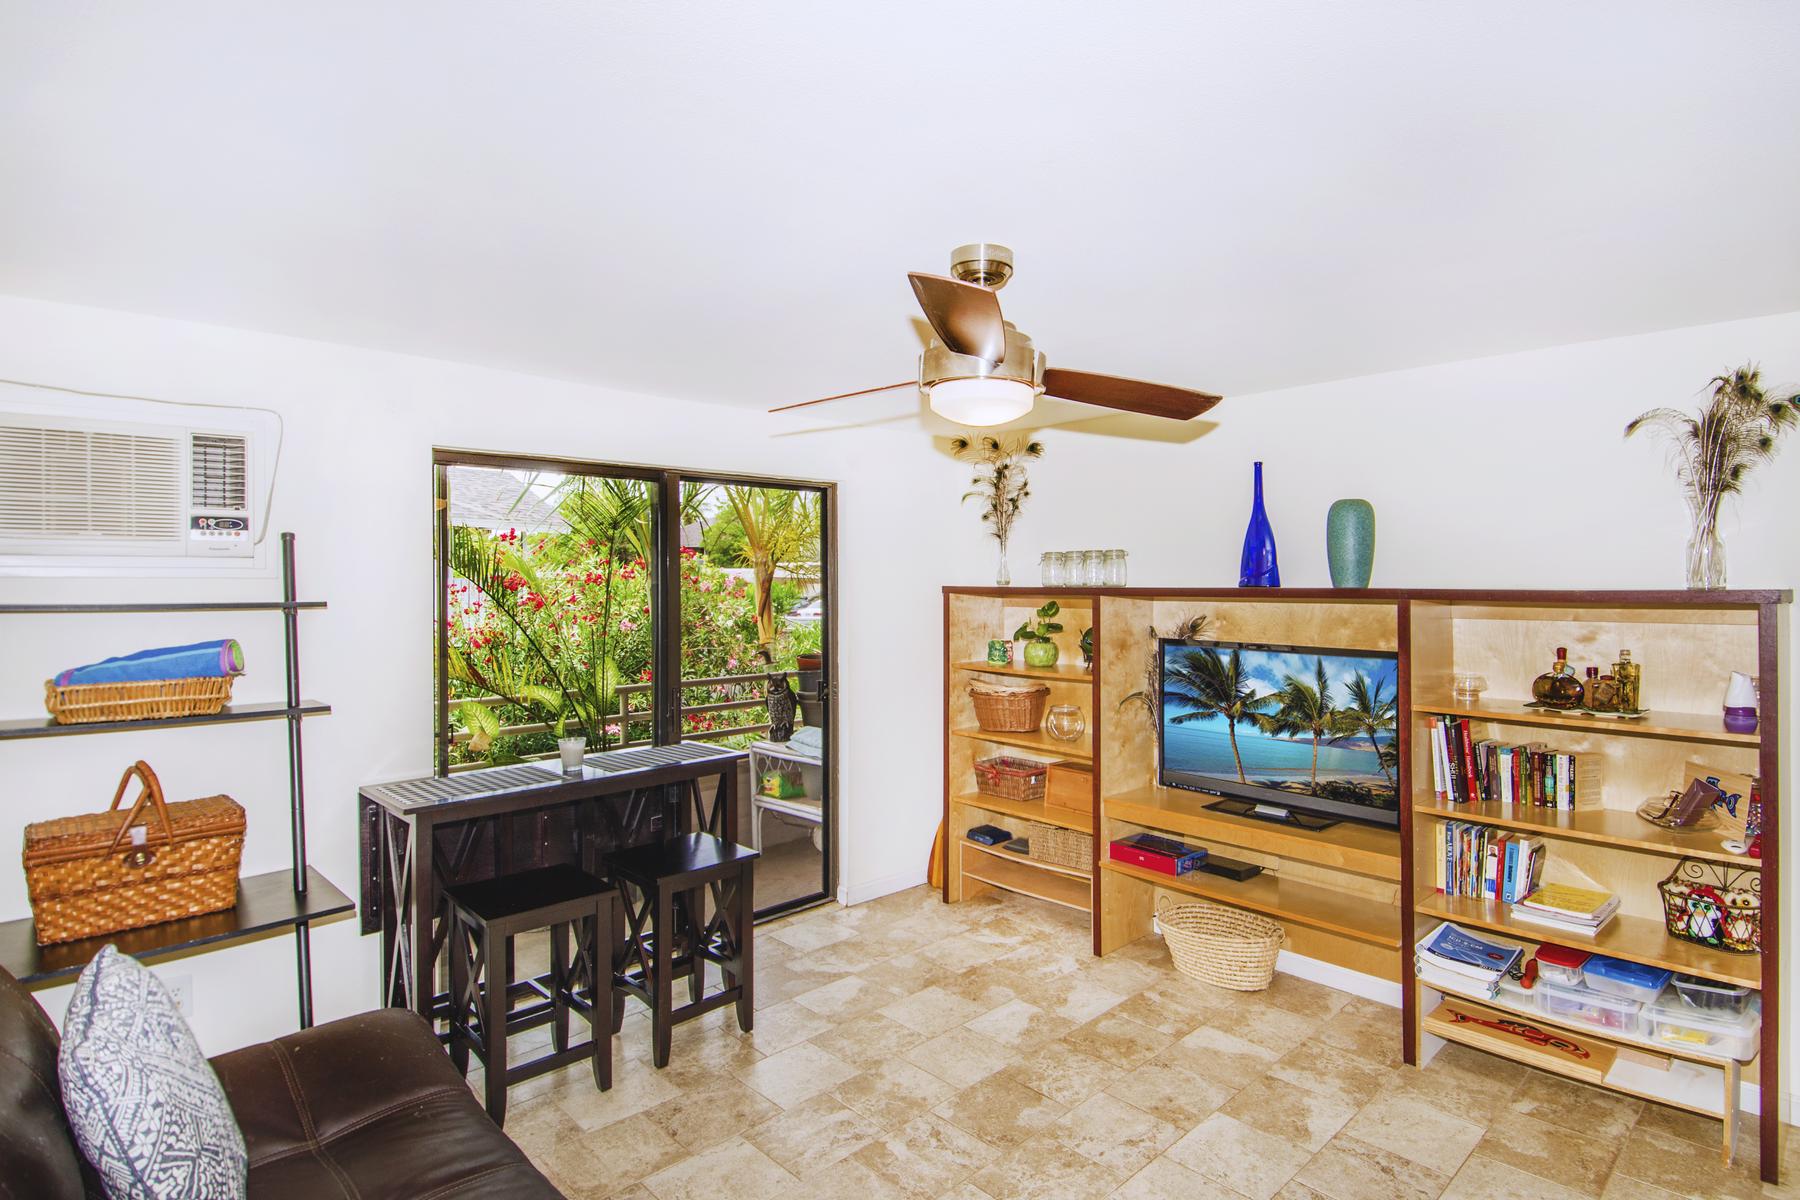 Condominiums 為 出售 在 2747 S Kihei Rd, Kihei Shores D-201, Kihei, 夏威夷 96753 美國